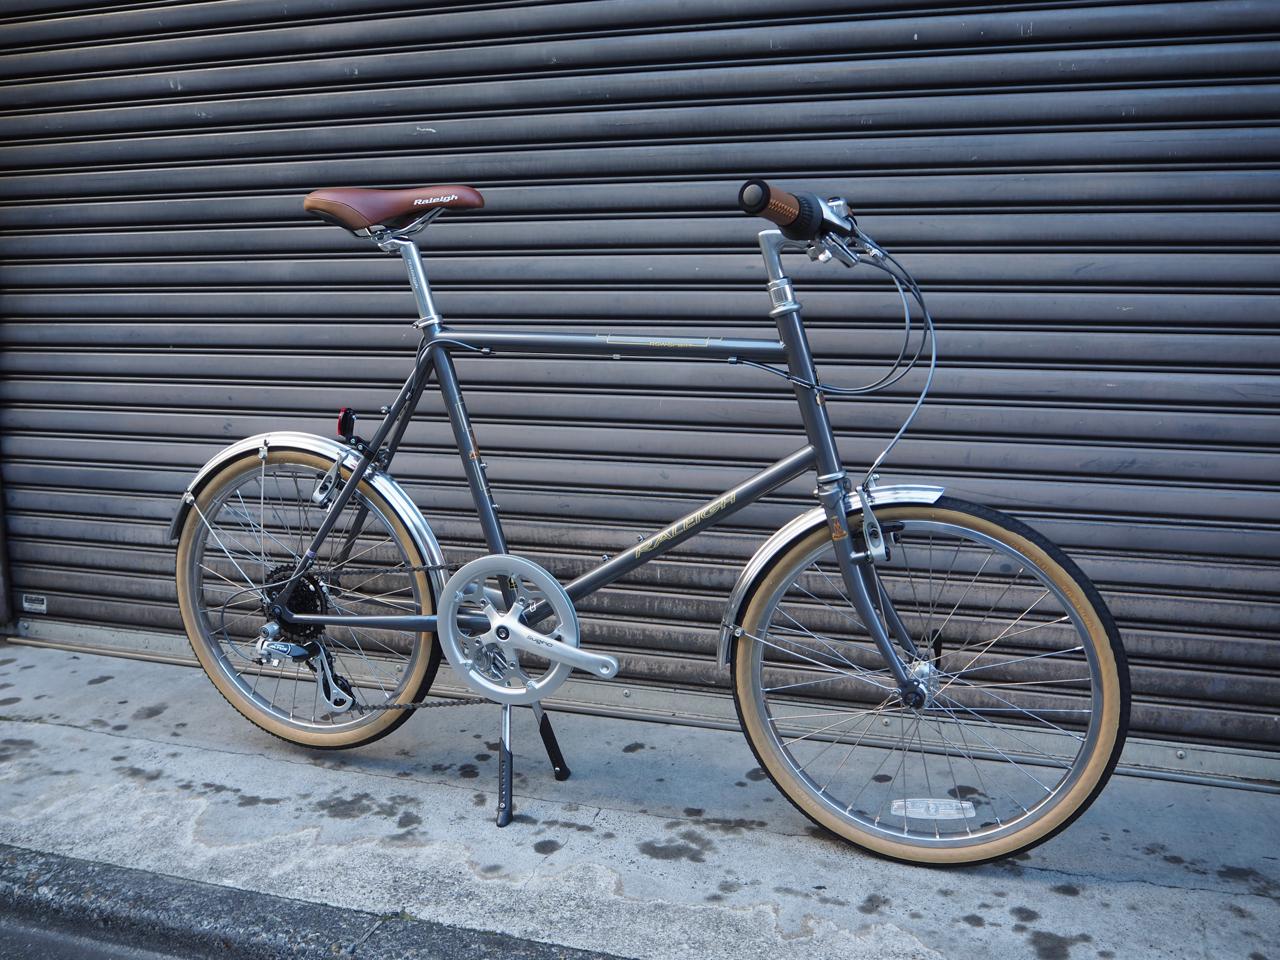 ラレー,ミニベロ,raleigh,RSM,おしゃれ,小径車,タイヤの小さい自転車